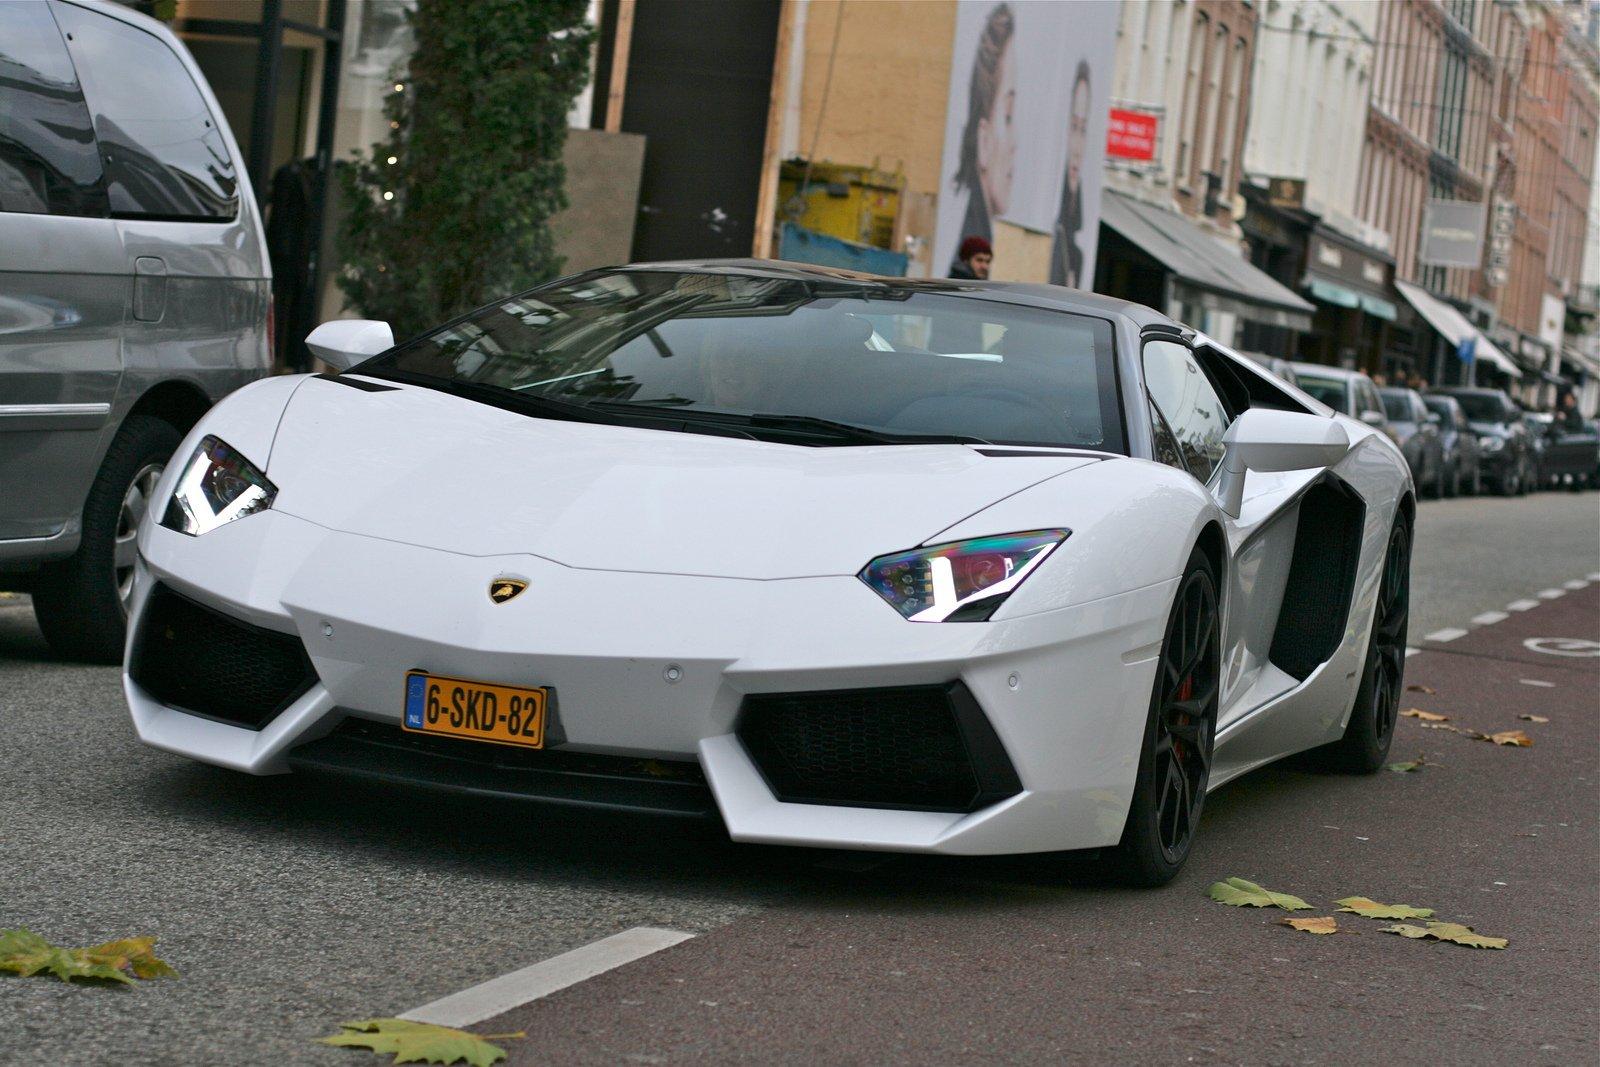 lamborghini aventador lp700 4 roadster white blanche italian supercars wallpaper 1600x1067 394197 wallpaperup - Lamborghini Aventador Roadster White